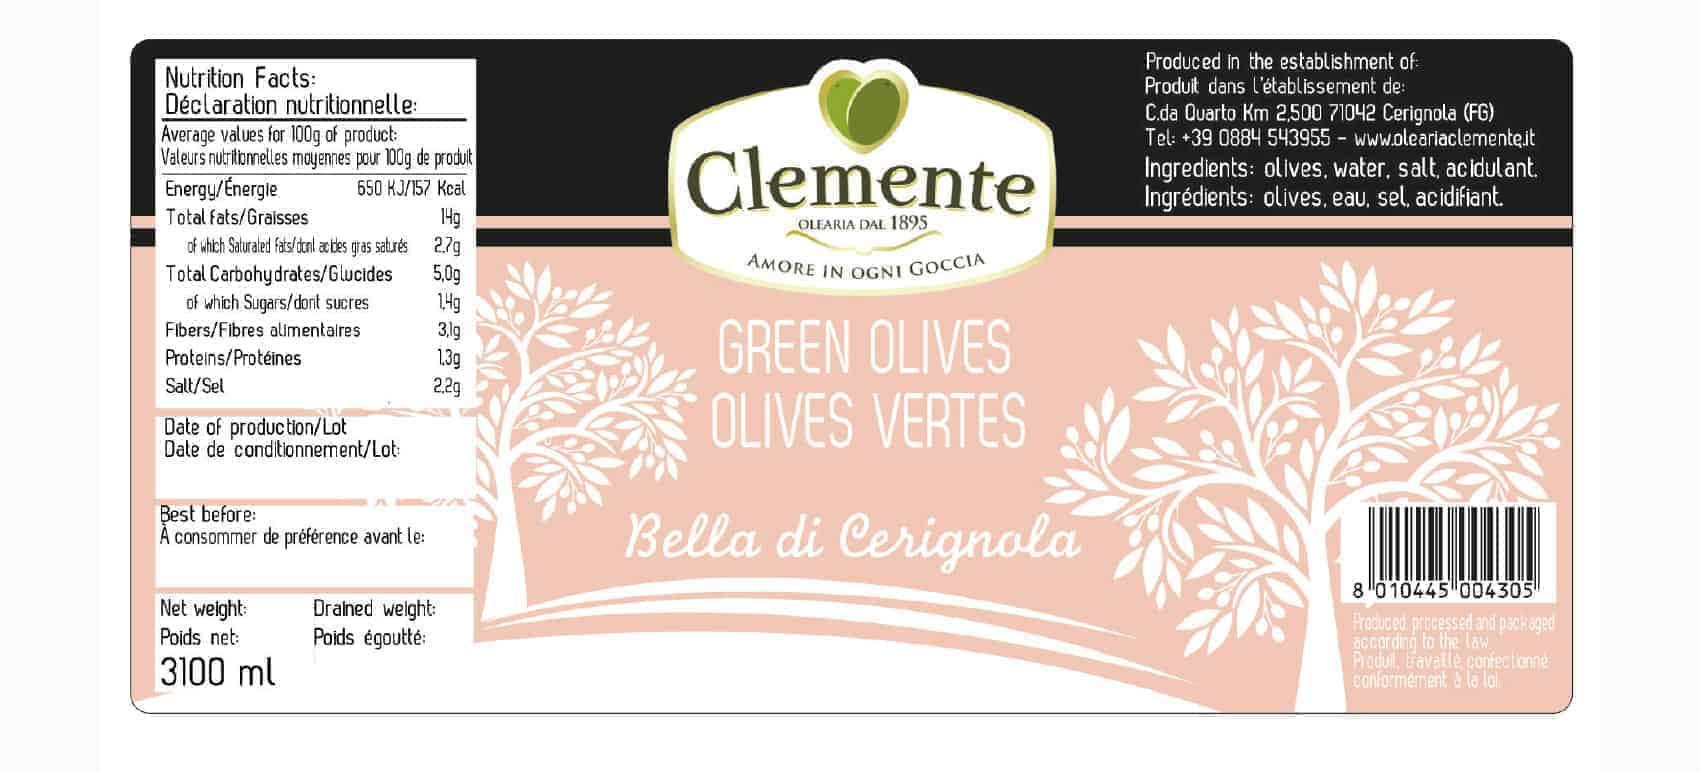 Olive Verdi Bella Cerignola - Etichetta